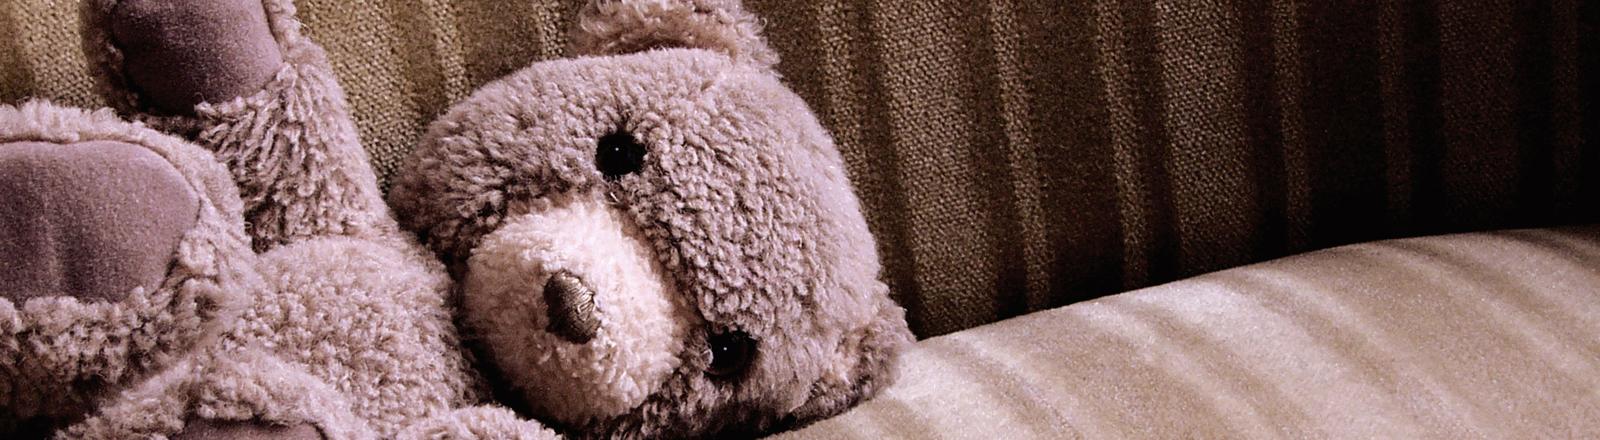 Ein Teddybär, der auf einem altmodischen braunen Sofa liegt.